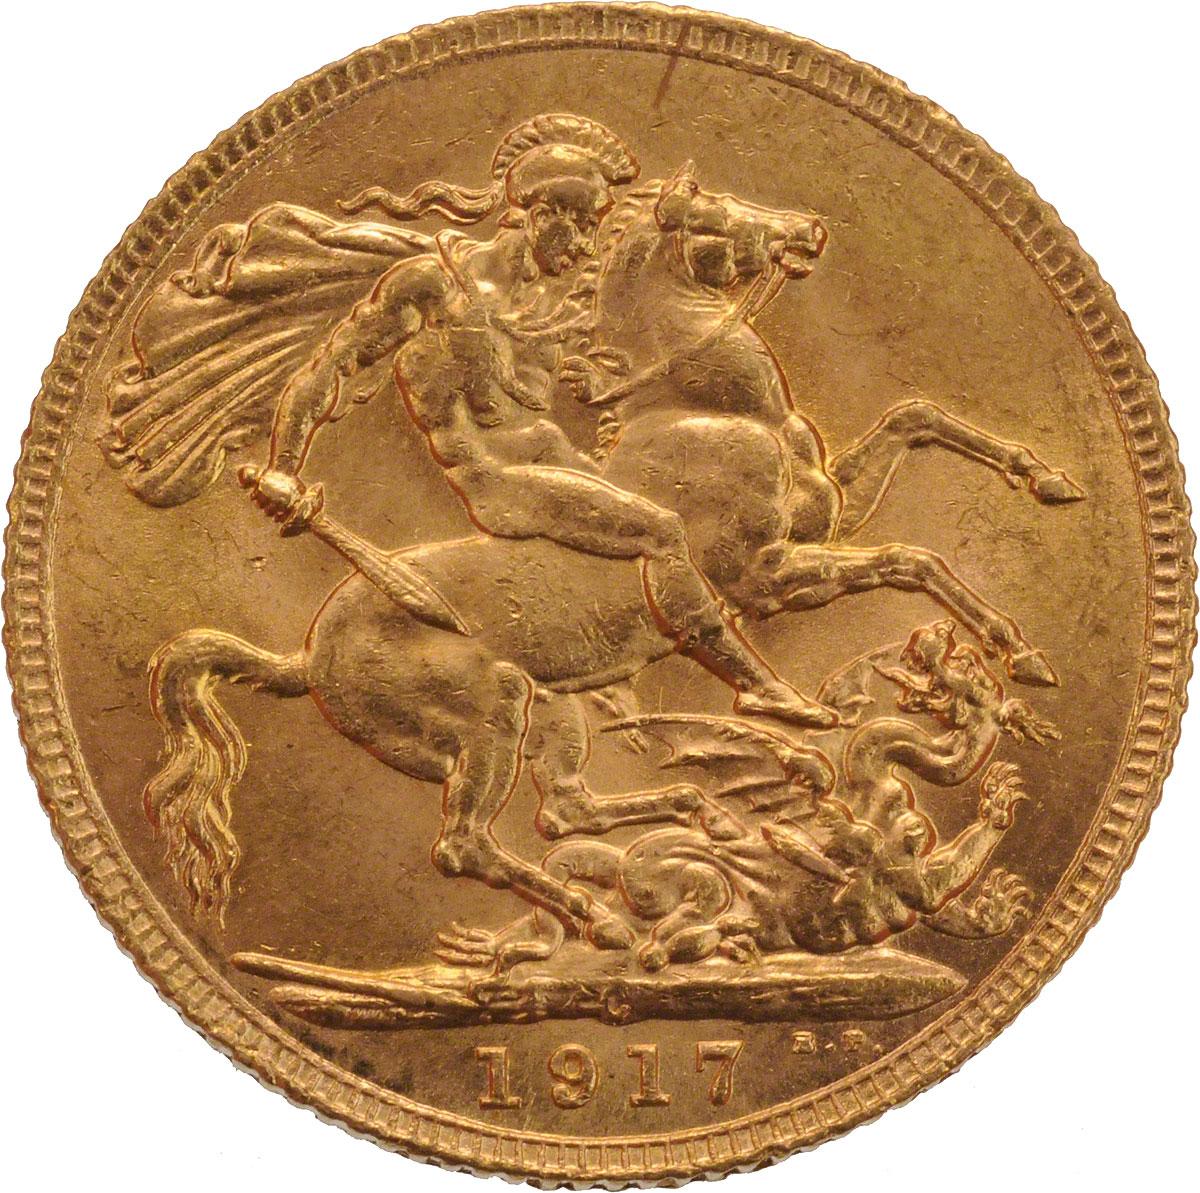 1917 Γεώργιος Ε' (Νομισματοκοπείο Οττάβα, Καναδάς)